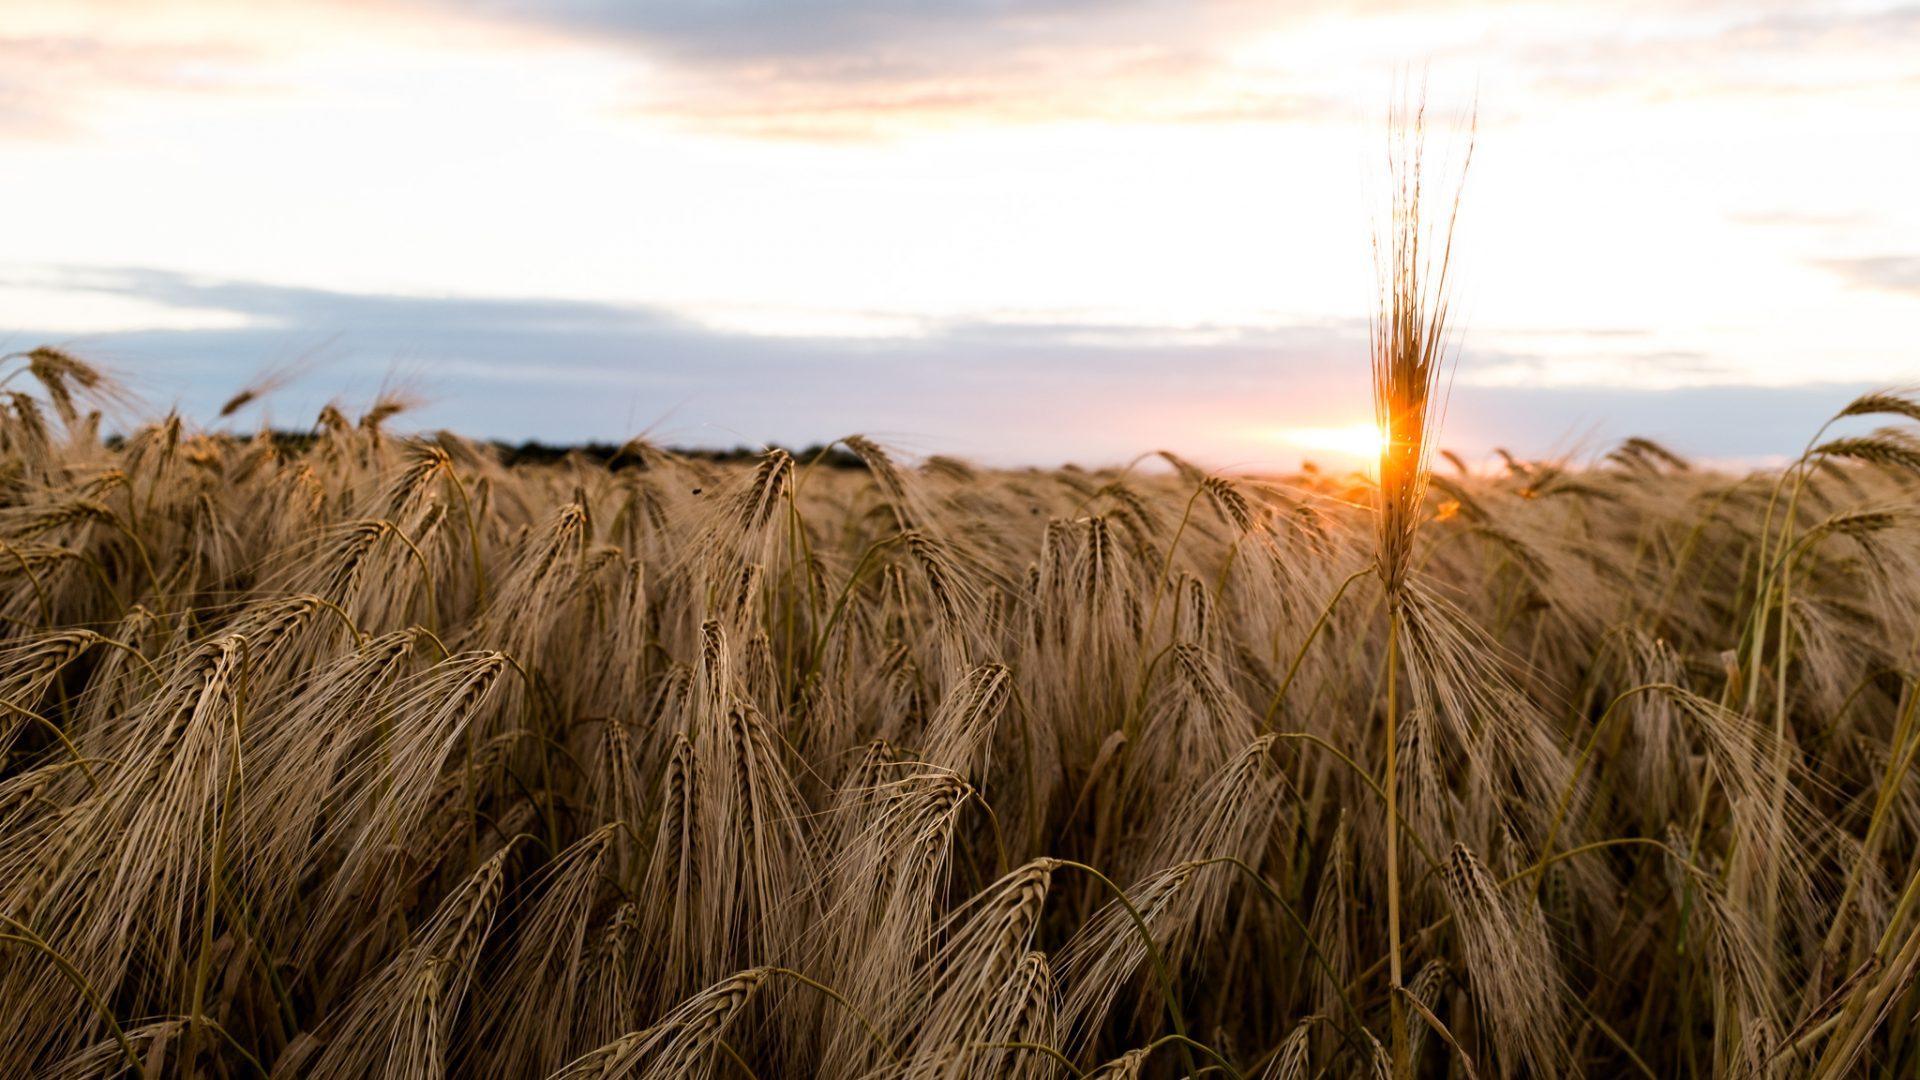 """Tag 339 - Kornfeld// """"Mir geht die Fähigkeit ab, Ideenkörner zu zersetzen, mein Korn zu mahlen und zu verbacken."""" - Christian Friedrich Hebbel"""